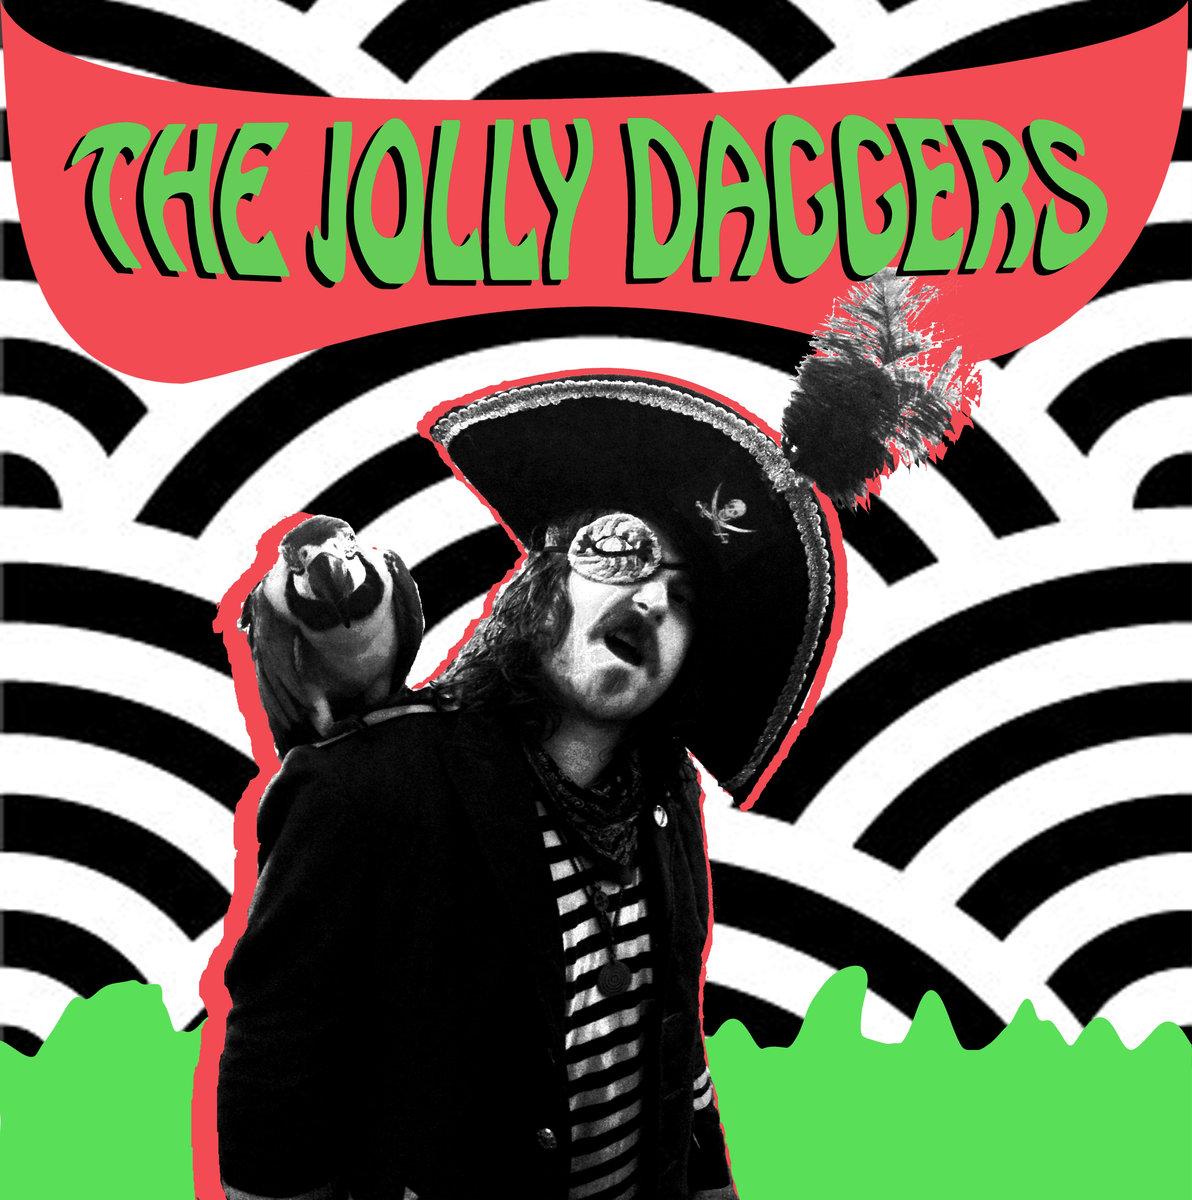 6/30 1 til 5 Mermaid Fest with Jolly Daggers & Gypsy Funk Squad